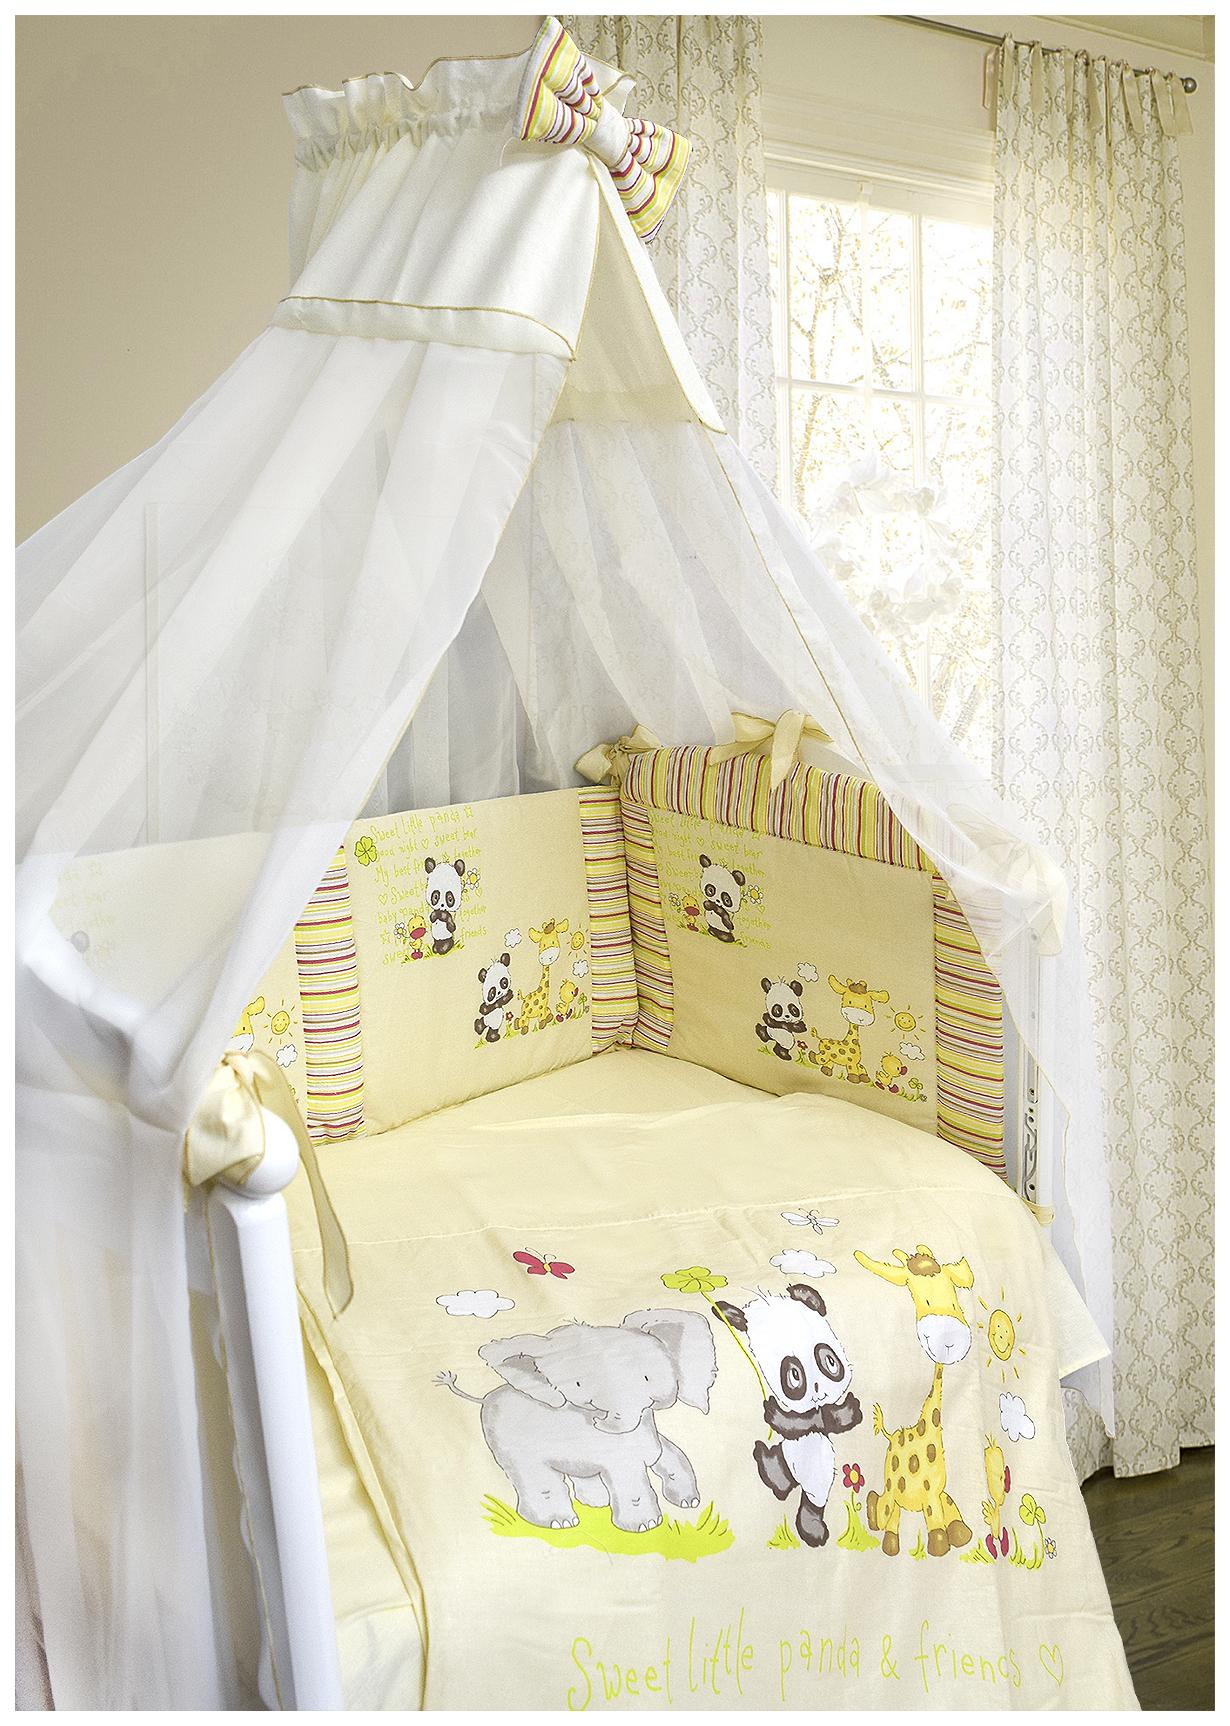 Комплект детского постельного белья Bombus ПАНДА С ДРУЗЬЯМИ 5573 фото